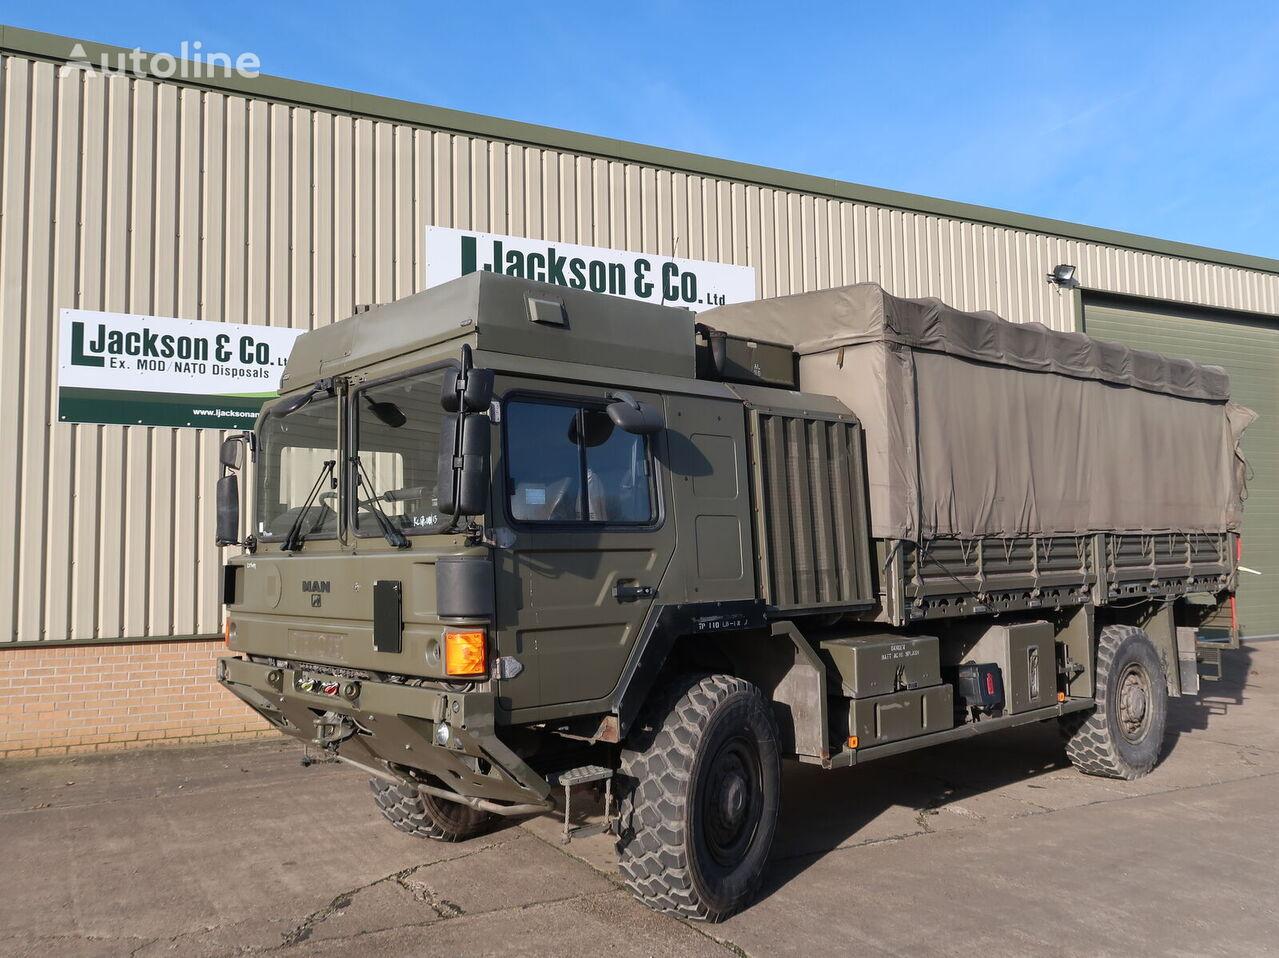 военен камион MAN HX60 18.330 4x4 Army Truck